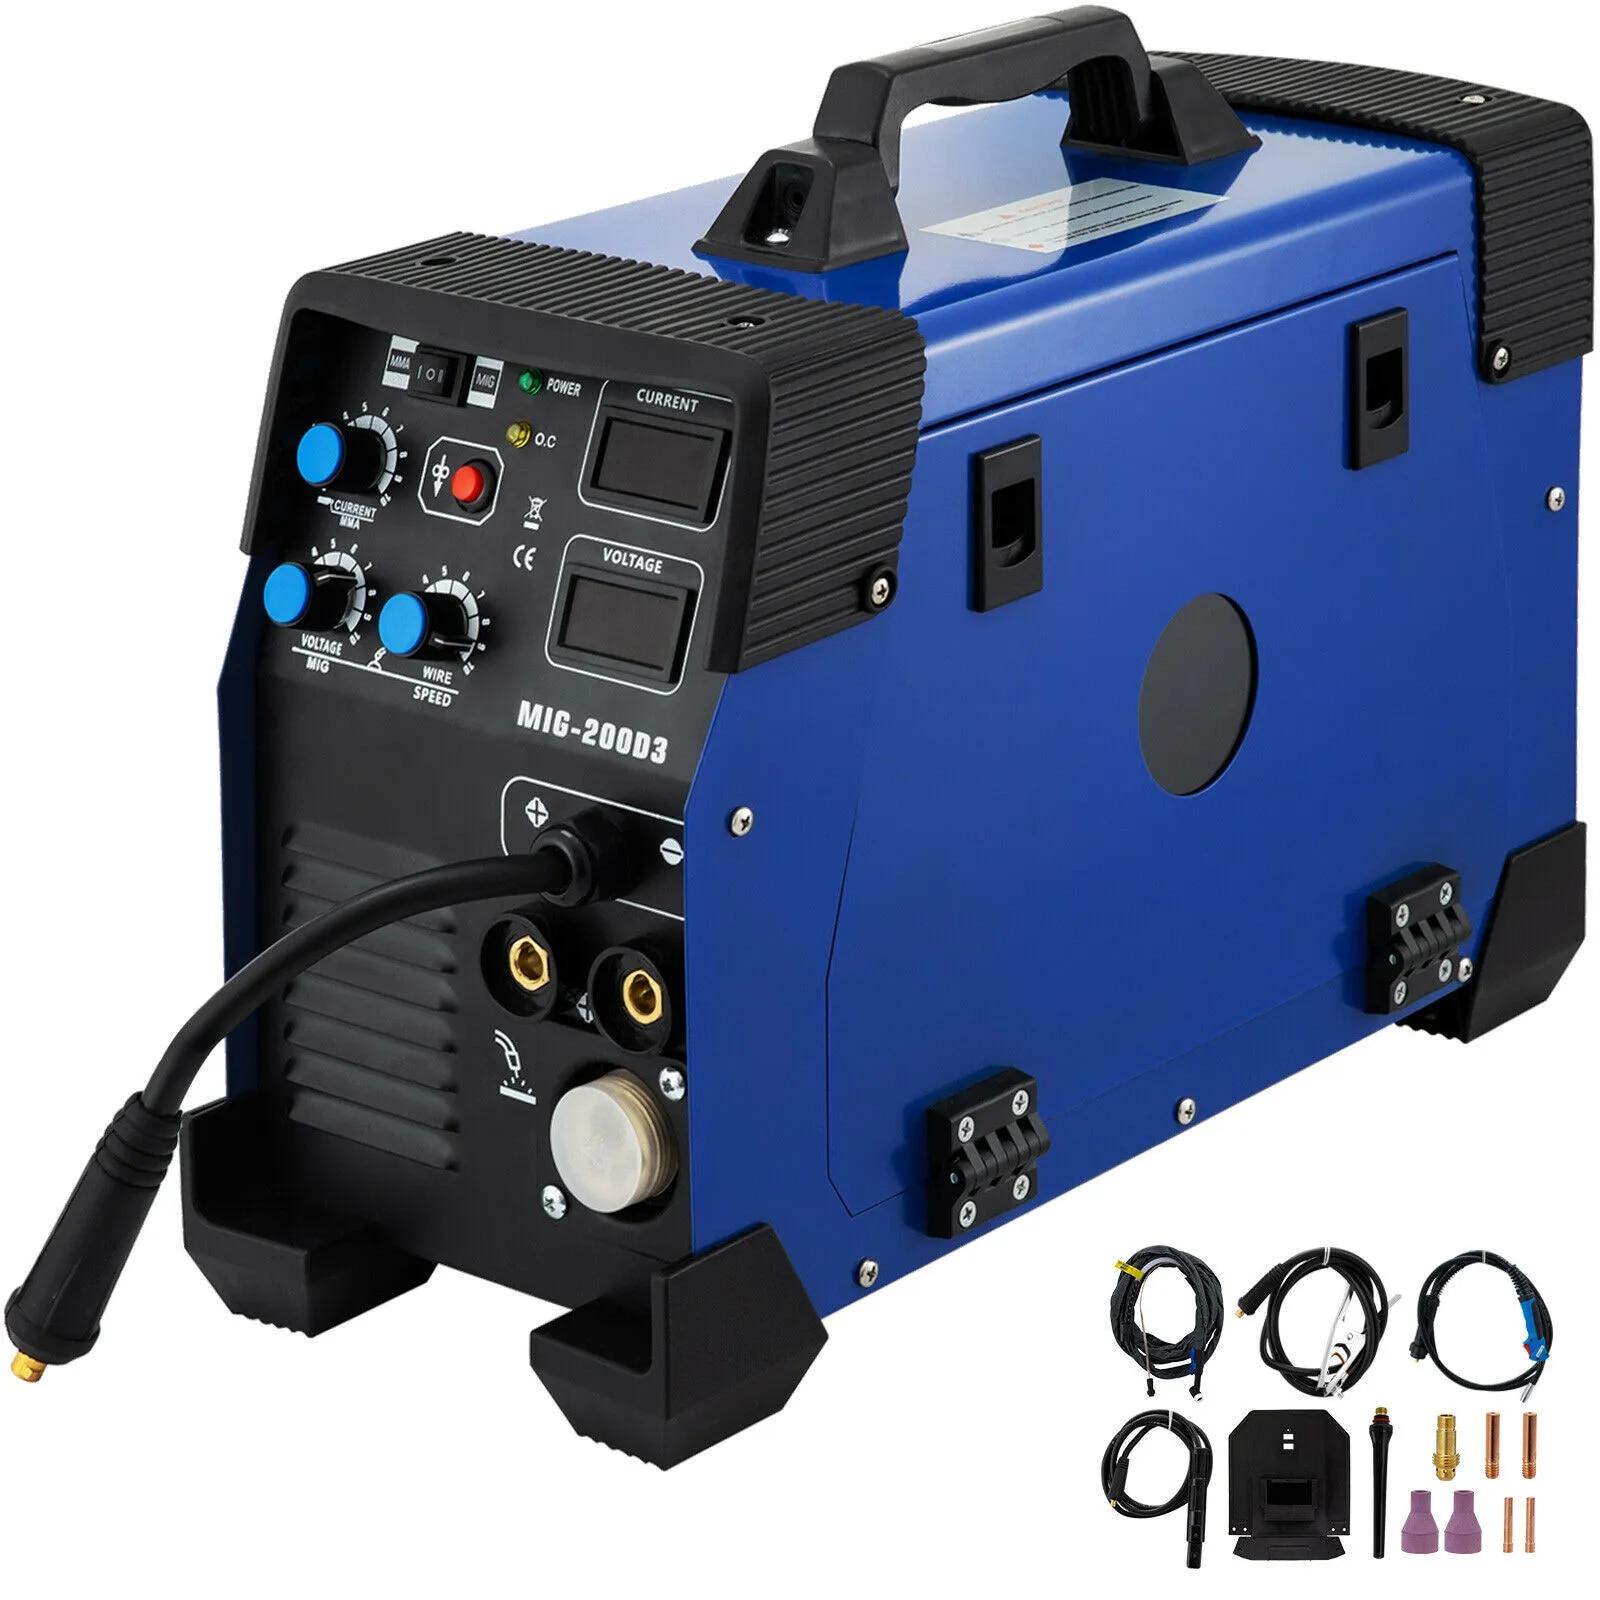 מהפך מכונת ריתוך TIG MIG MAG MMA E-יד אלקטרודה ריתוך מכונה FCAW 230V 200A ריתוך מכונה